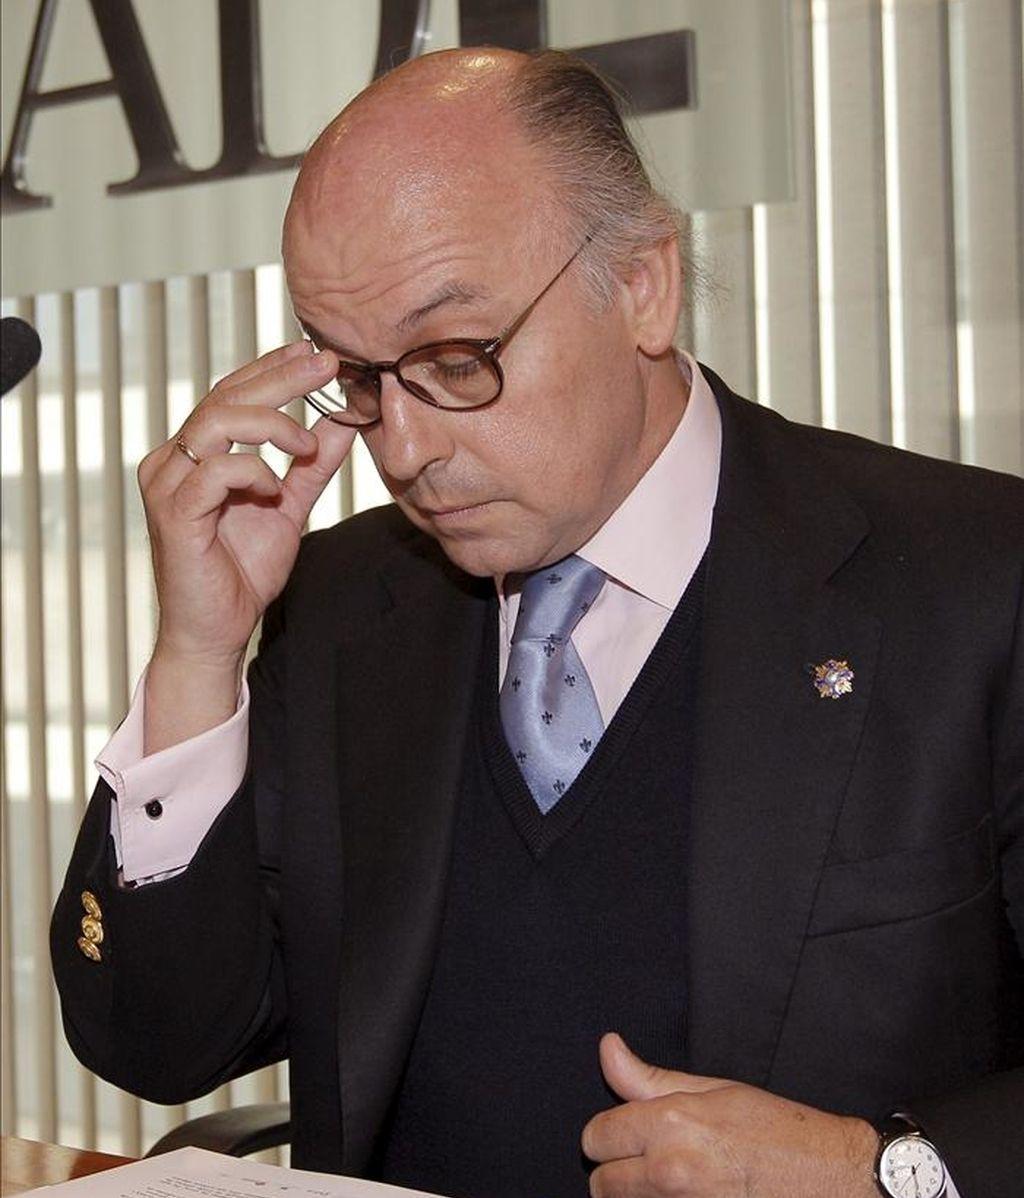 Aldo Olcese, presidente de la Coalición de Creadores e Industrias de Contenidos, durante la presentación de los datos del Observatorio de Piratería y hábitos de consumo correspondientes al segundo semestre de 2010, así como sus propuestas al Gobierno para la elaboración del reglamento de la Ley Sinde. EFE